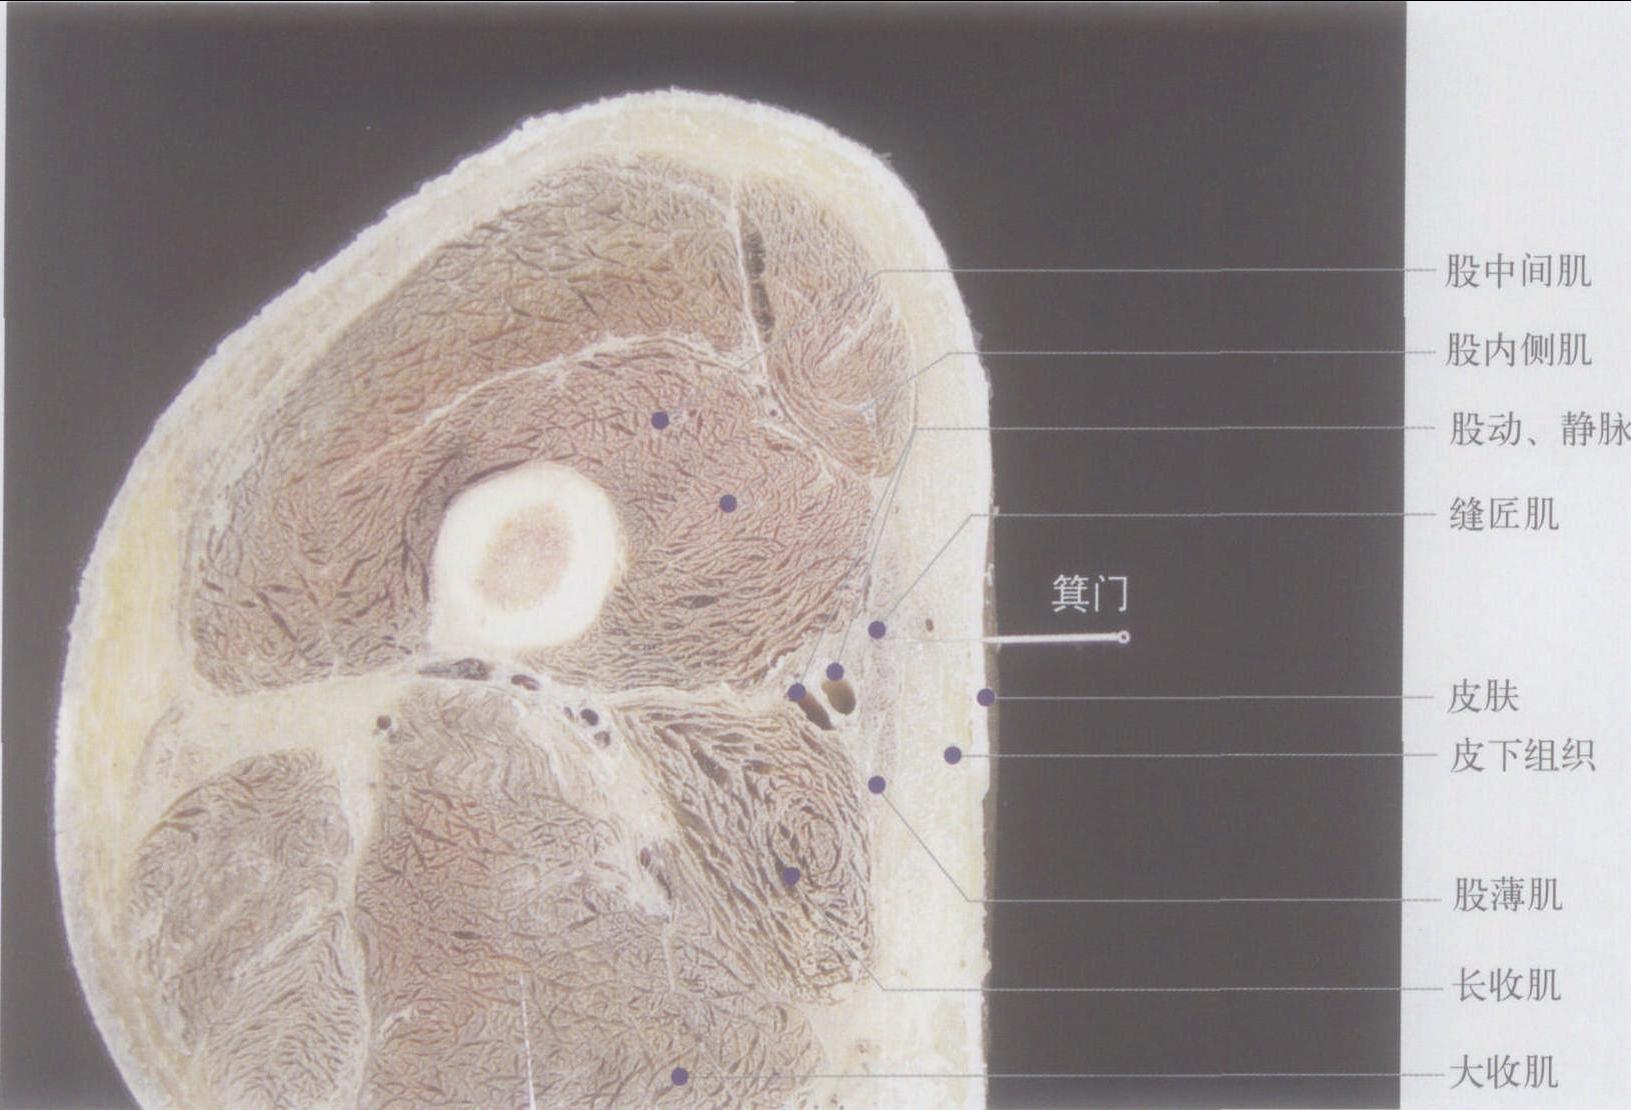 正文               (图) 左箕门穴横切面 :  【定位】 在大腿内侧,当